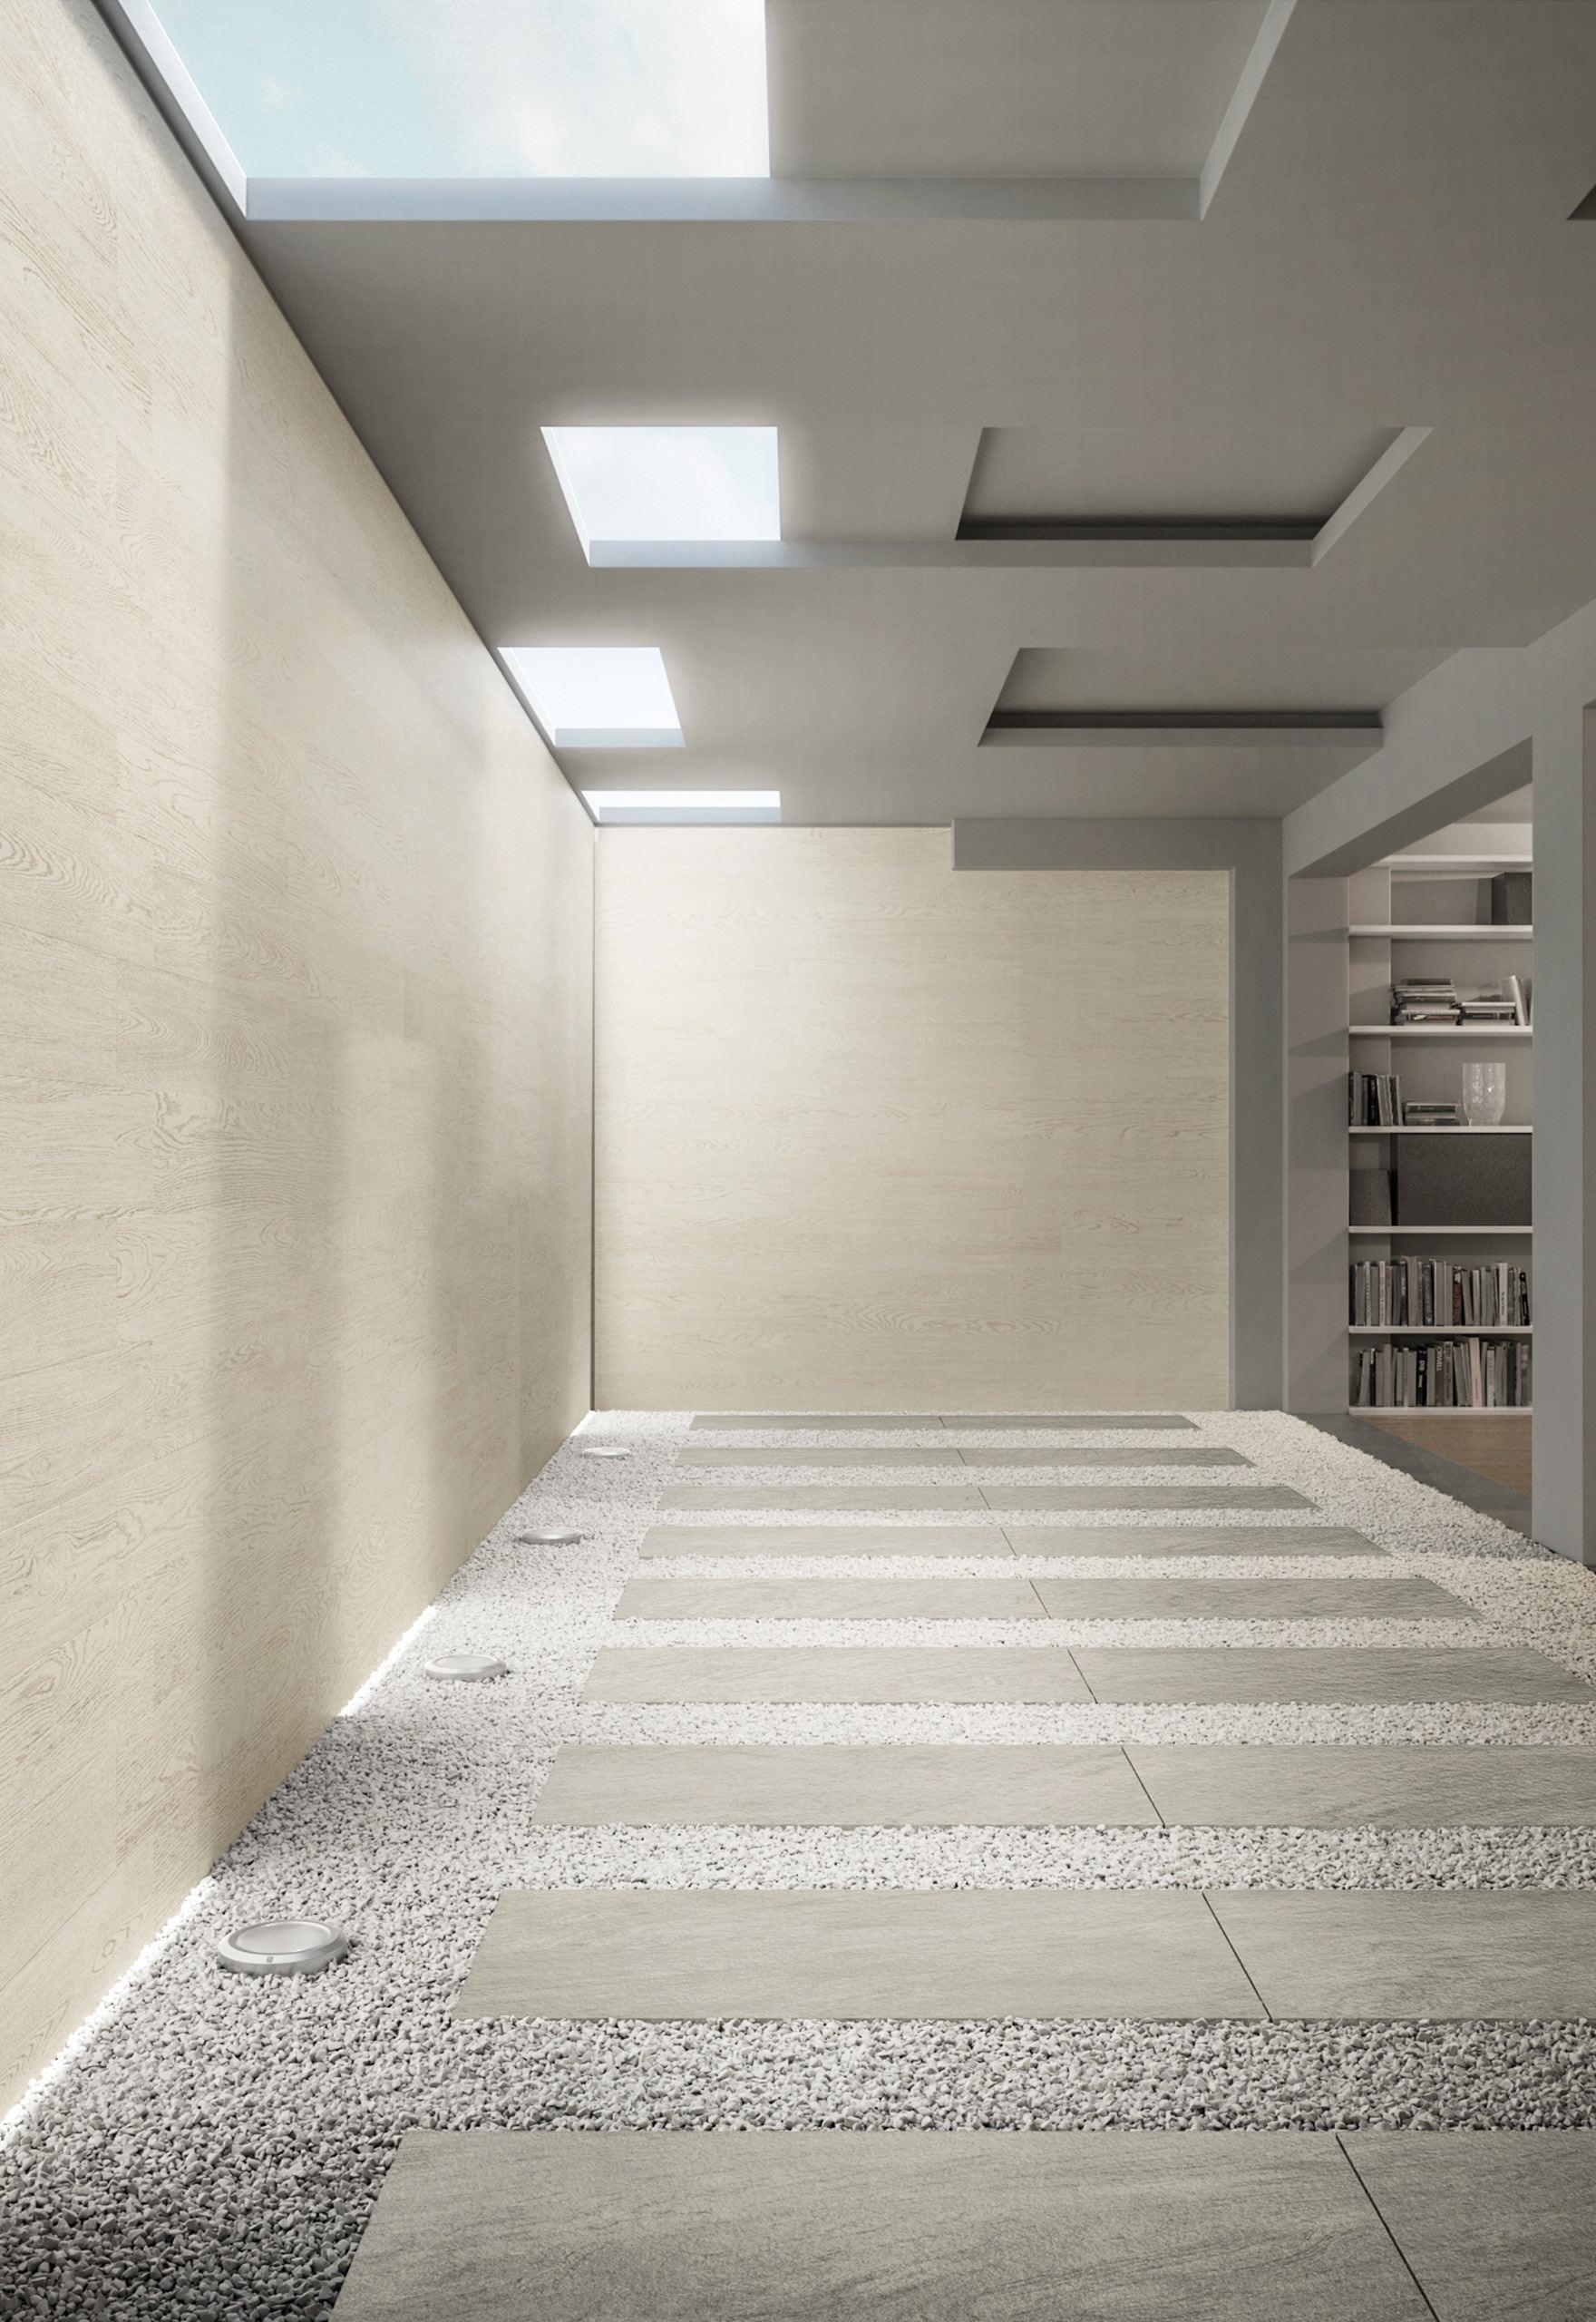 Rendering esterni interni fotorealistici Caesar giardino interno casa